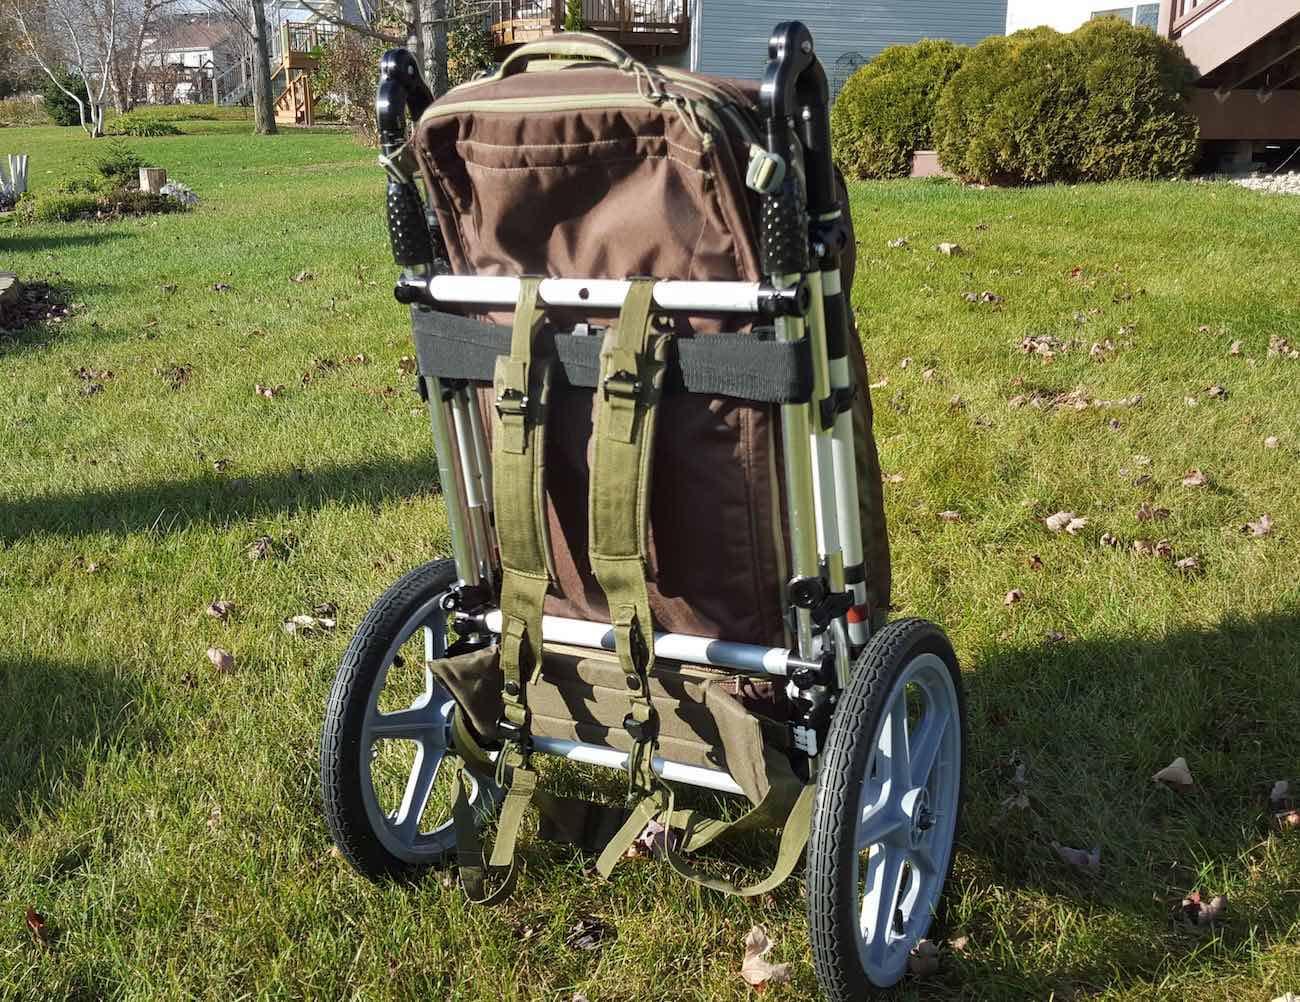 HipStar Hands-Free Travel Cart